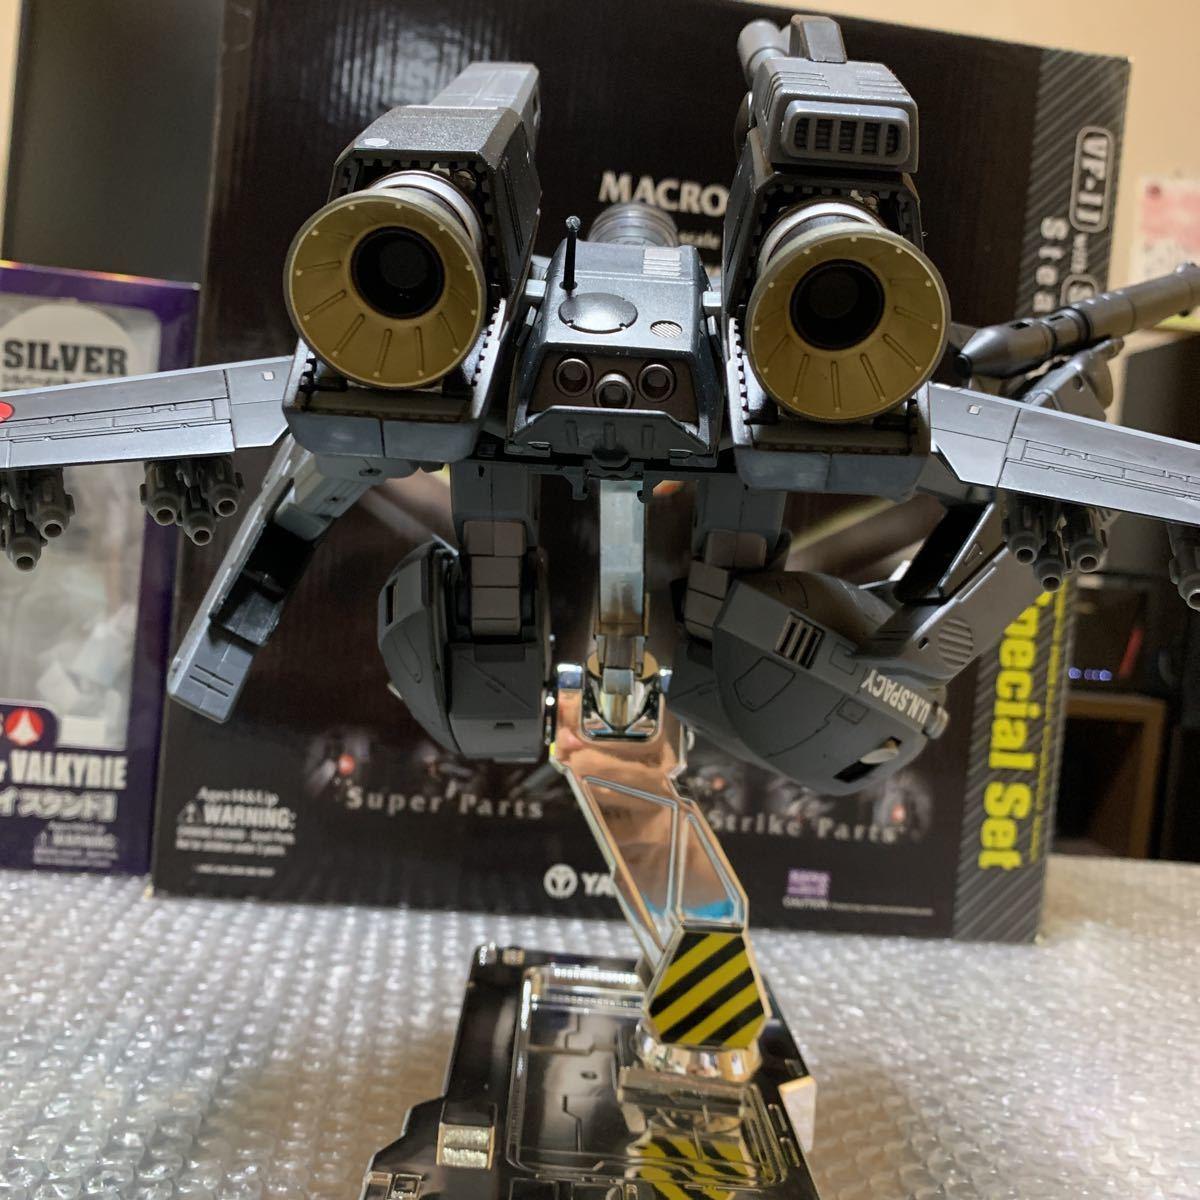 極美品 希少 やまと YAMATO 完全変形 1/48 VF-1J with Super & Strike parts Stealth type VF-1J ステルスタイプ スーパー ストライク 付_画像4